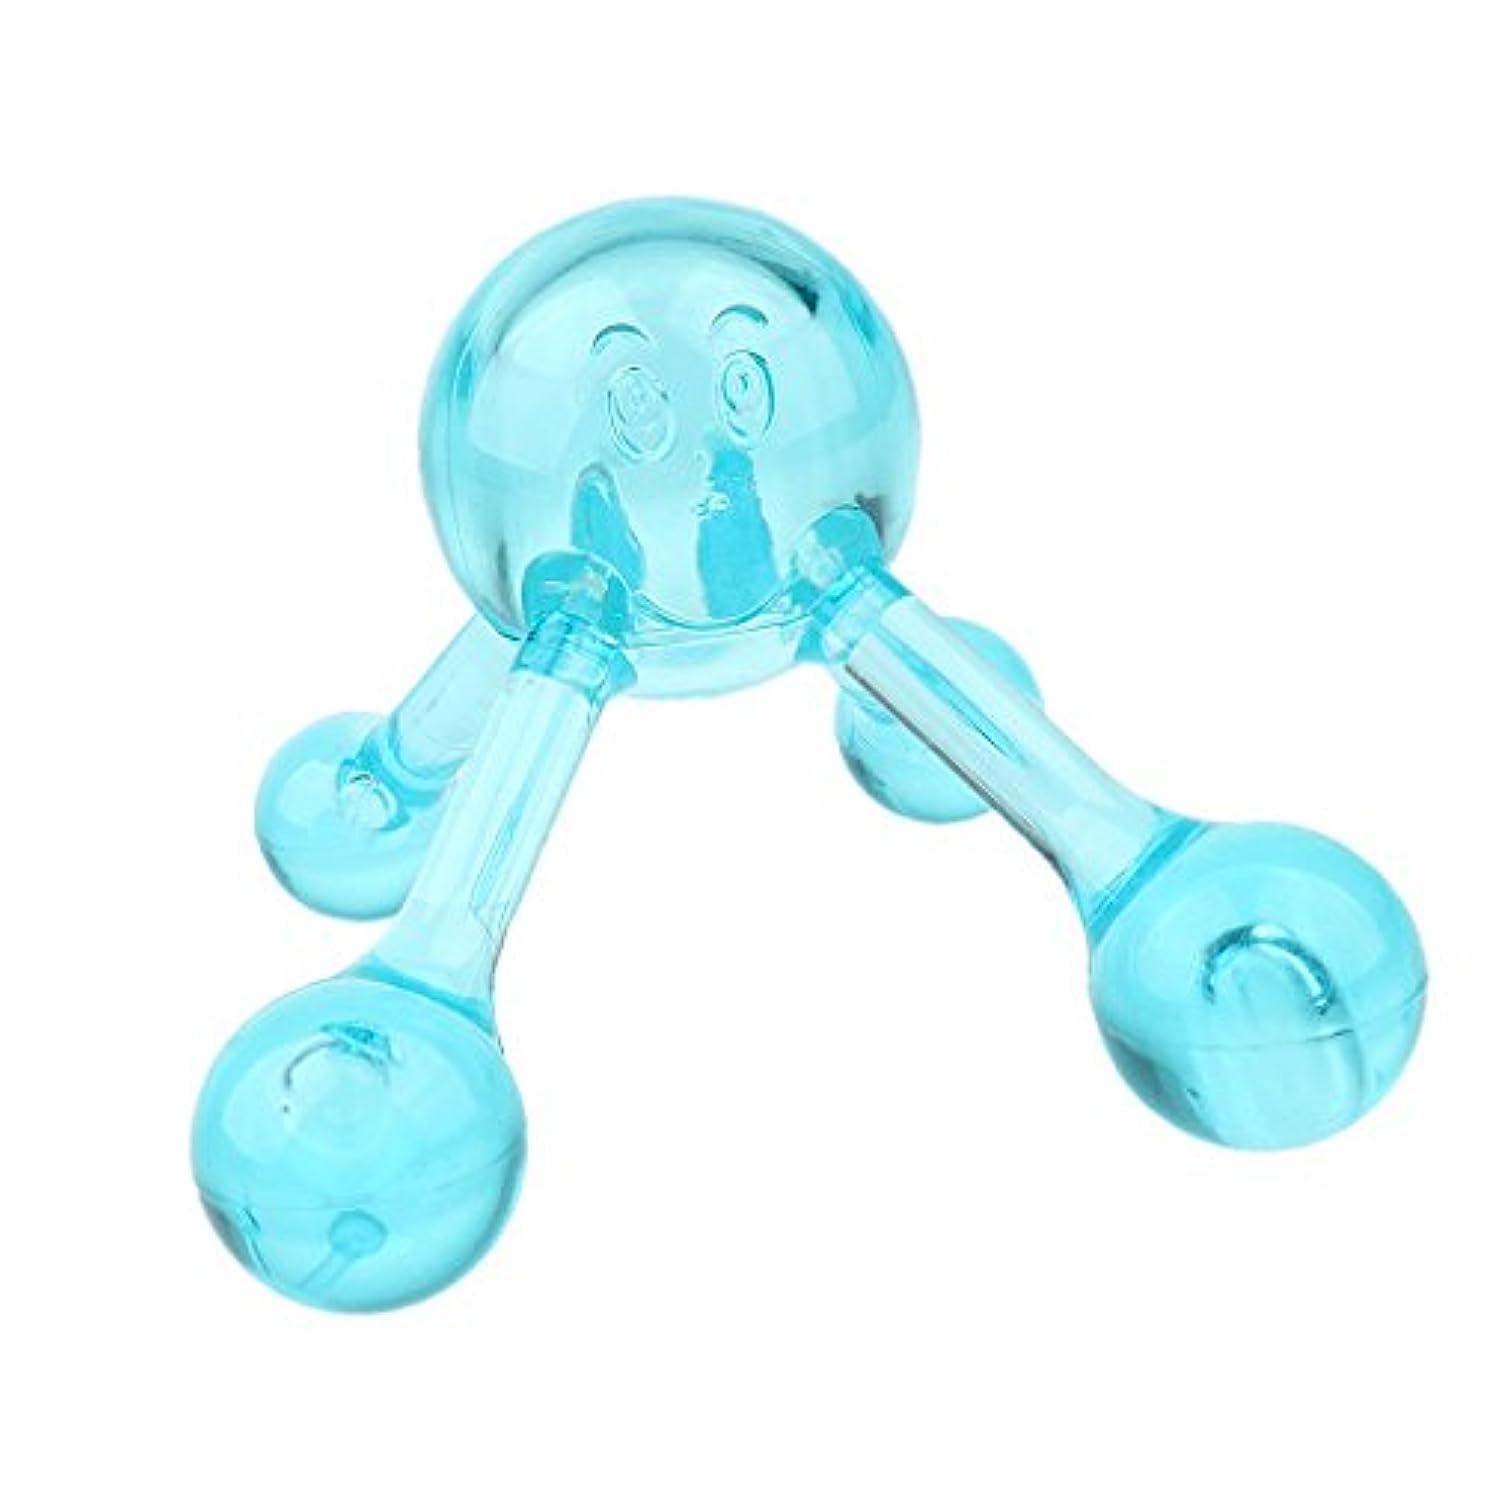 獲物元気口径Baoblaze ネック ショルダー バック マッサージボール マニュアル ローラーマッサージャー プラスチック製